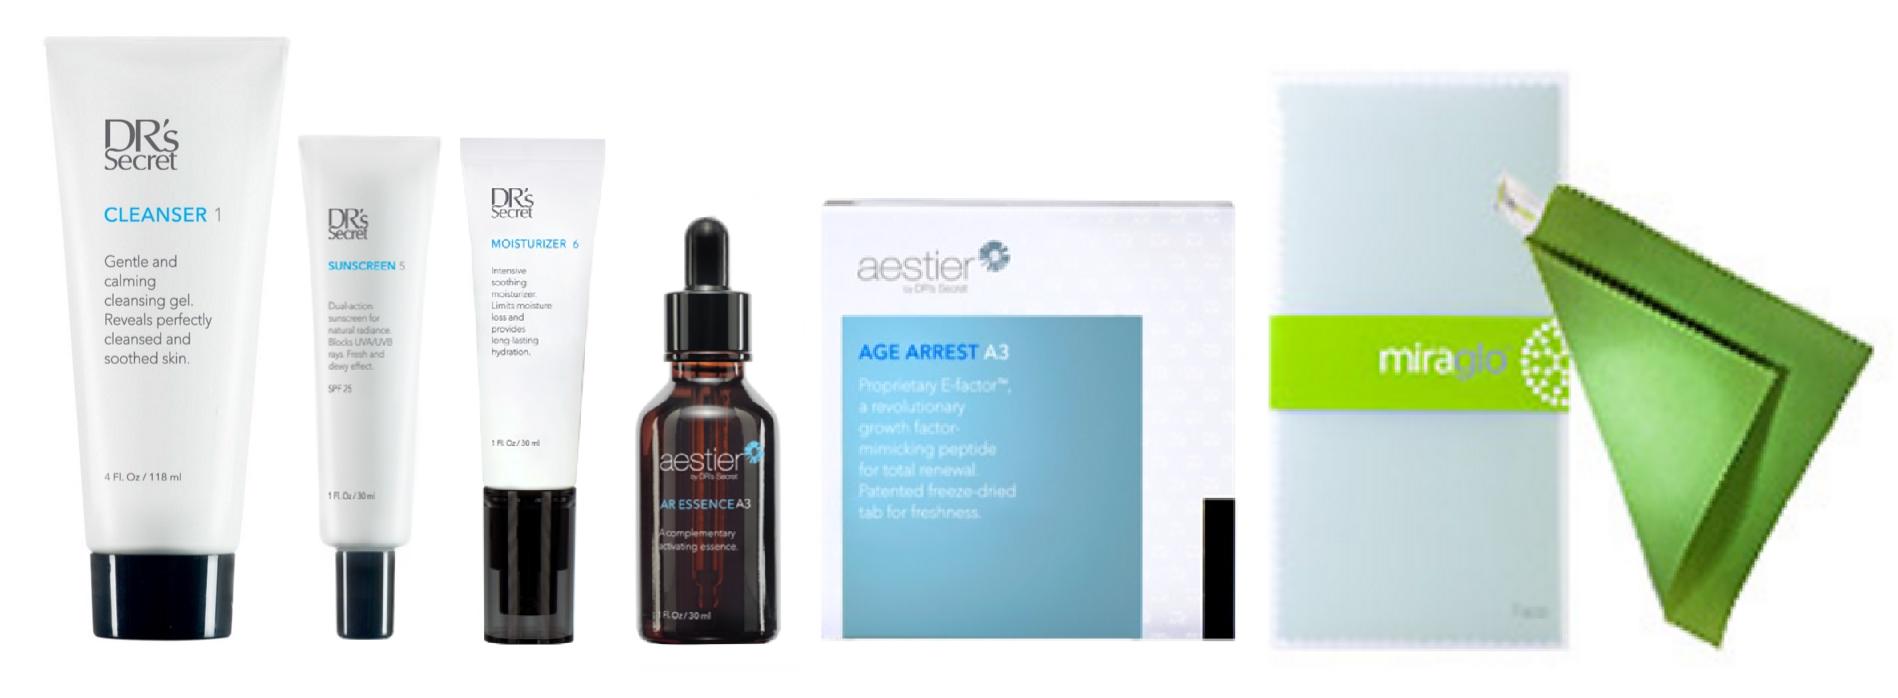 drs-secret-age-arrest-set1